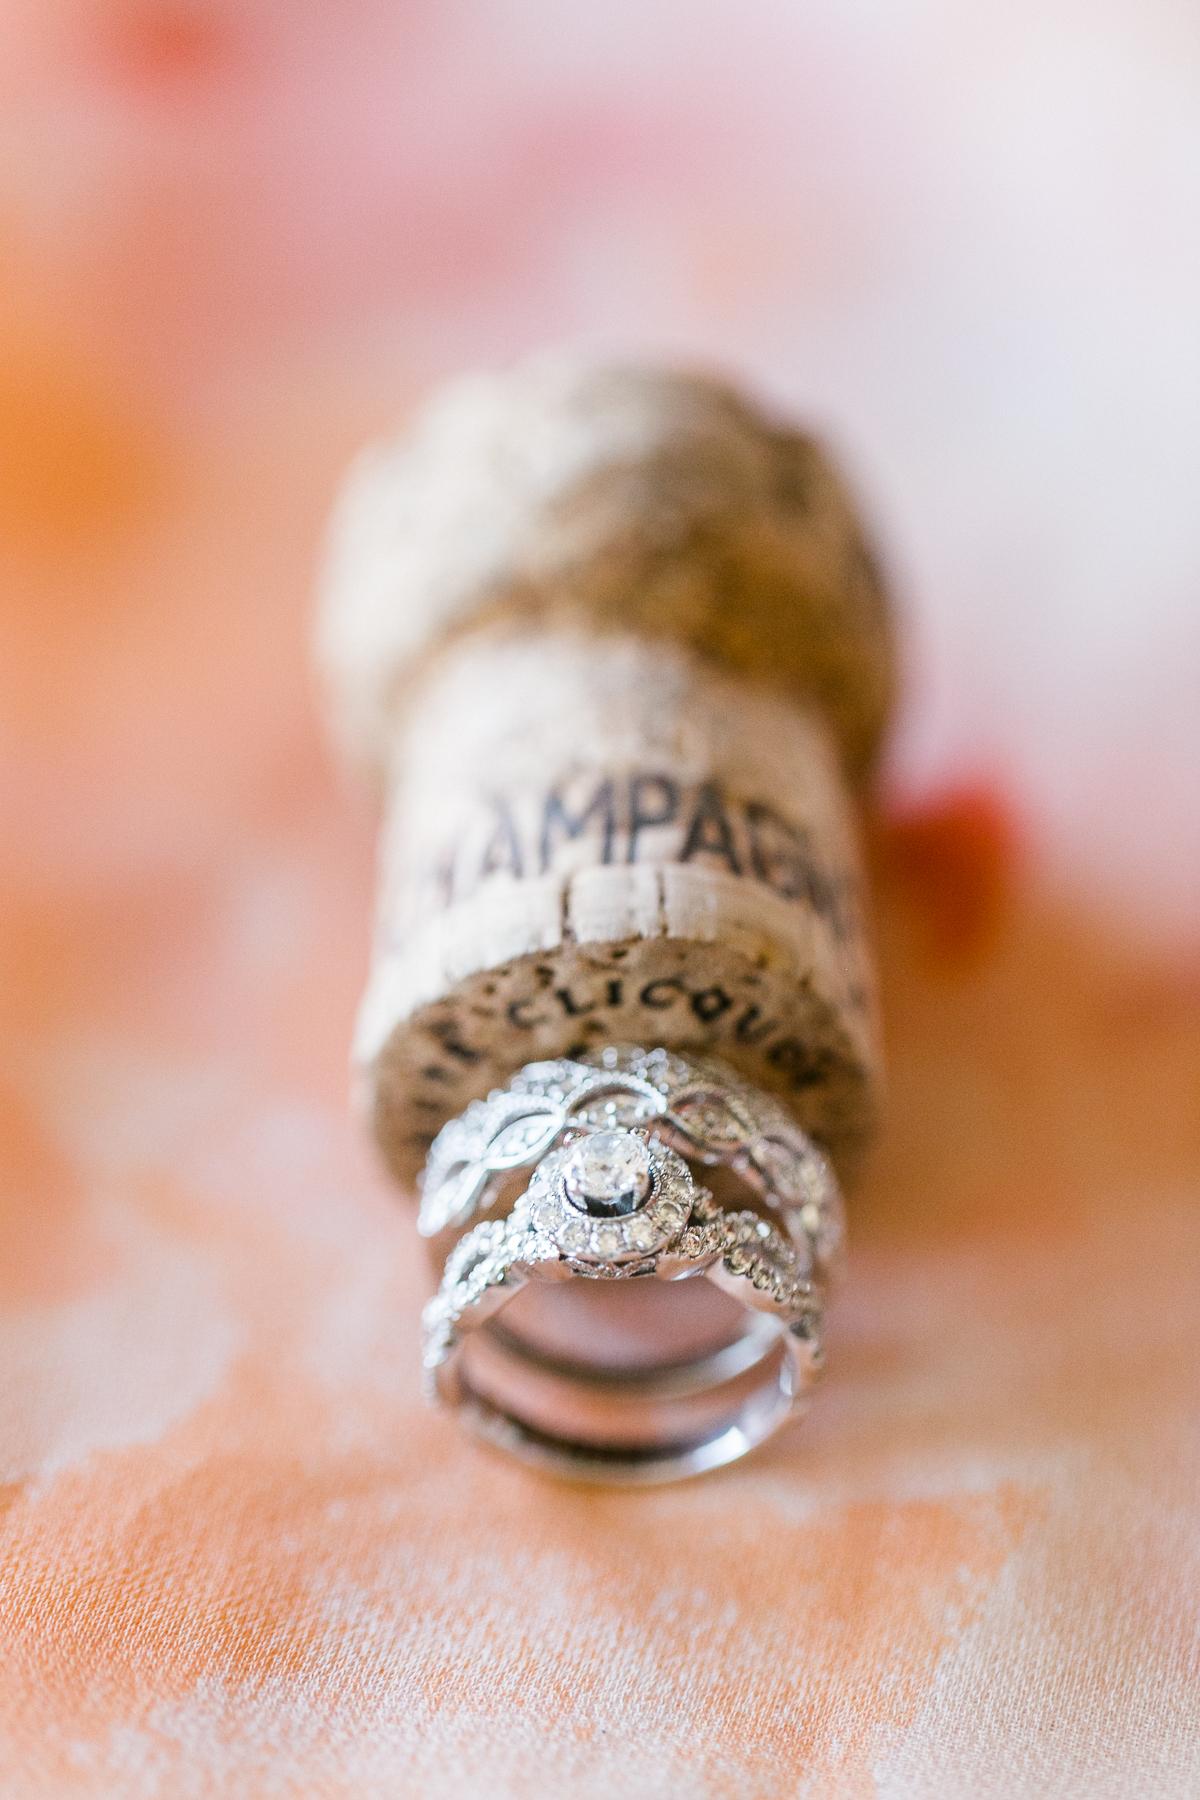 las_vegas-coupleshoot-brautpaar-paarshooting-blumen-hochzeit-wedding-marriage-hochzeitsfotograf-muenchen-luxembourg-trier-ringe.jpg